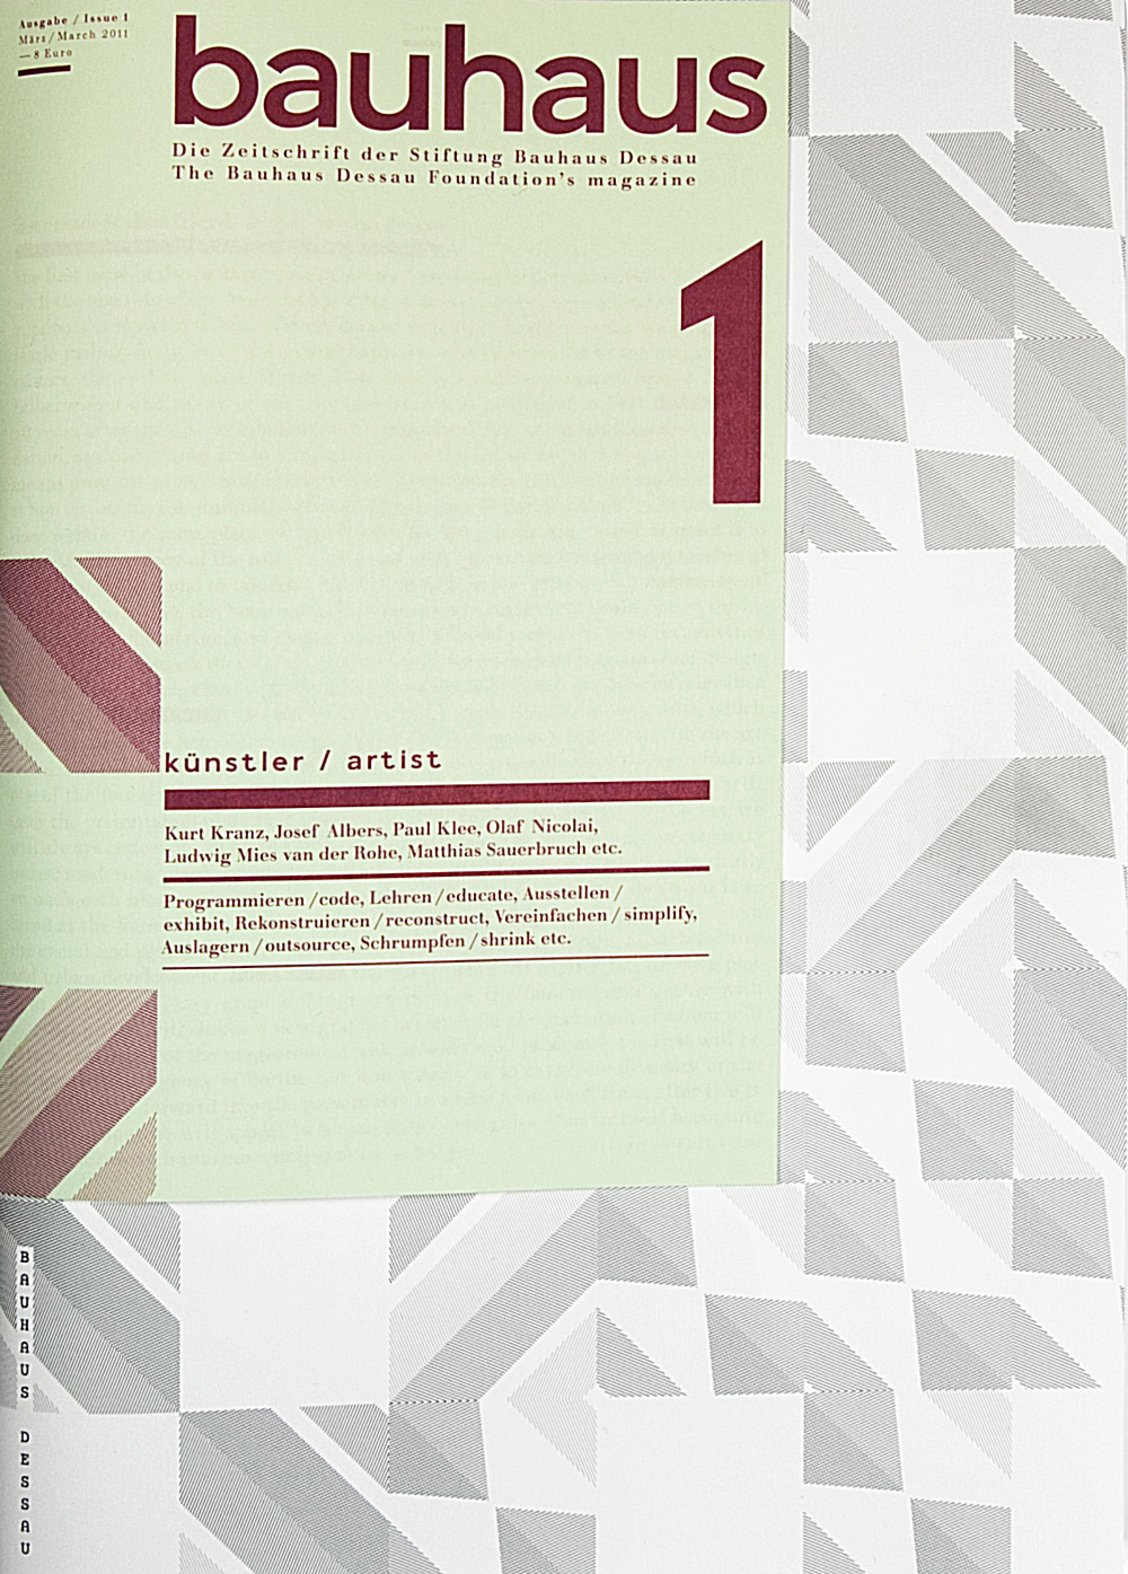 Bad Design Zeitschrift bauhaus magazine 1 artist bauhaus magazine issue 1 stiftung